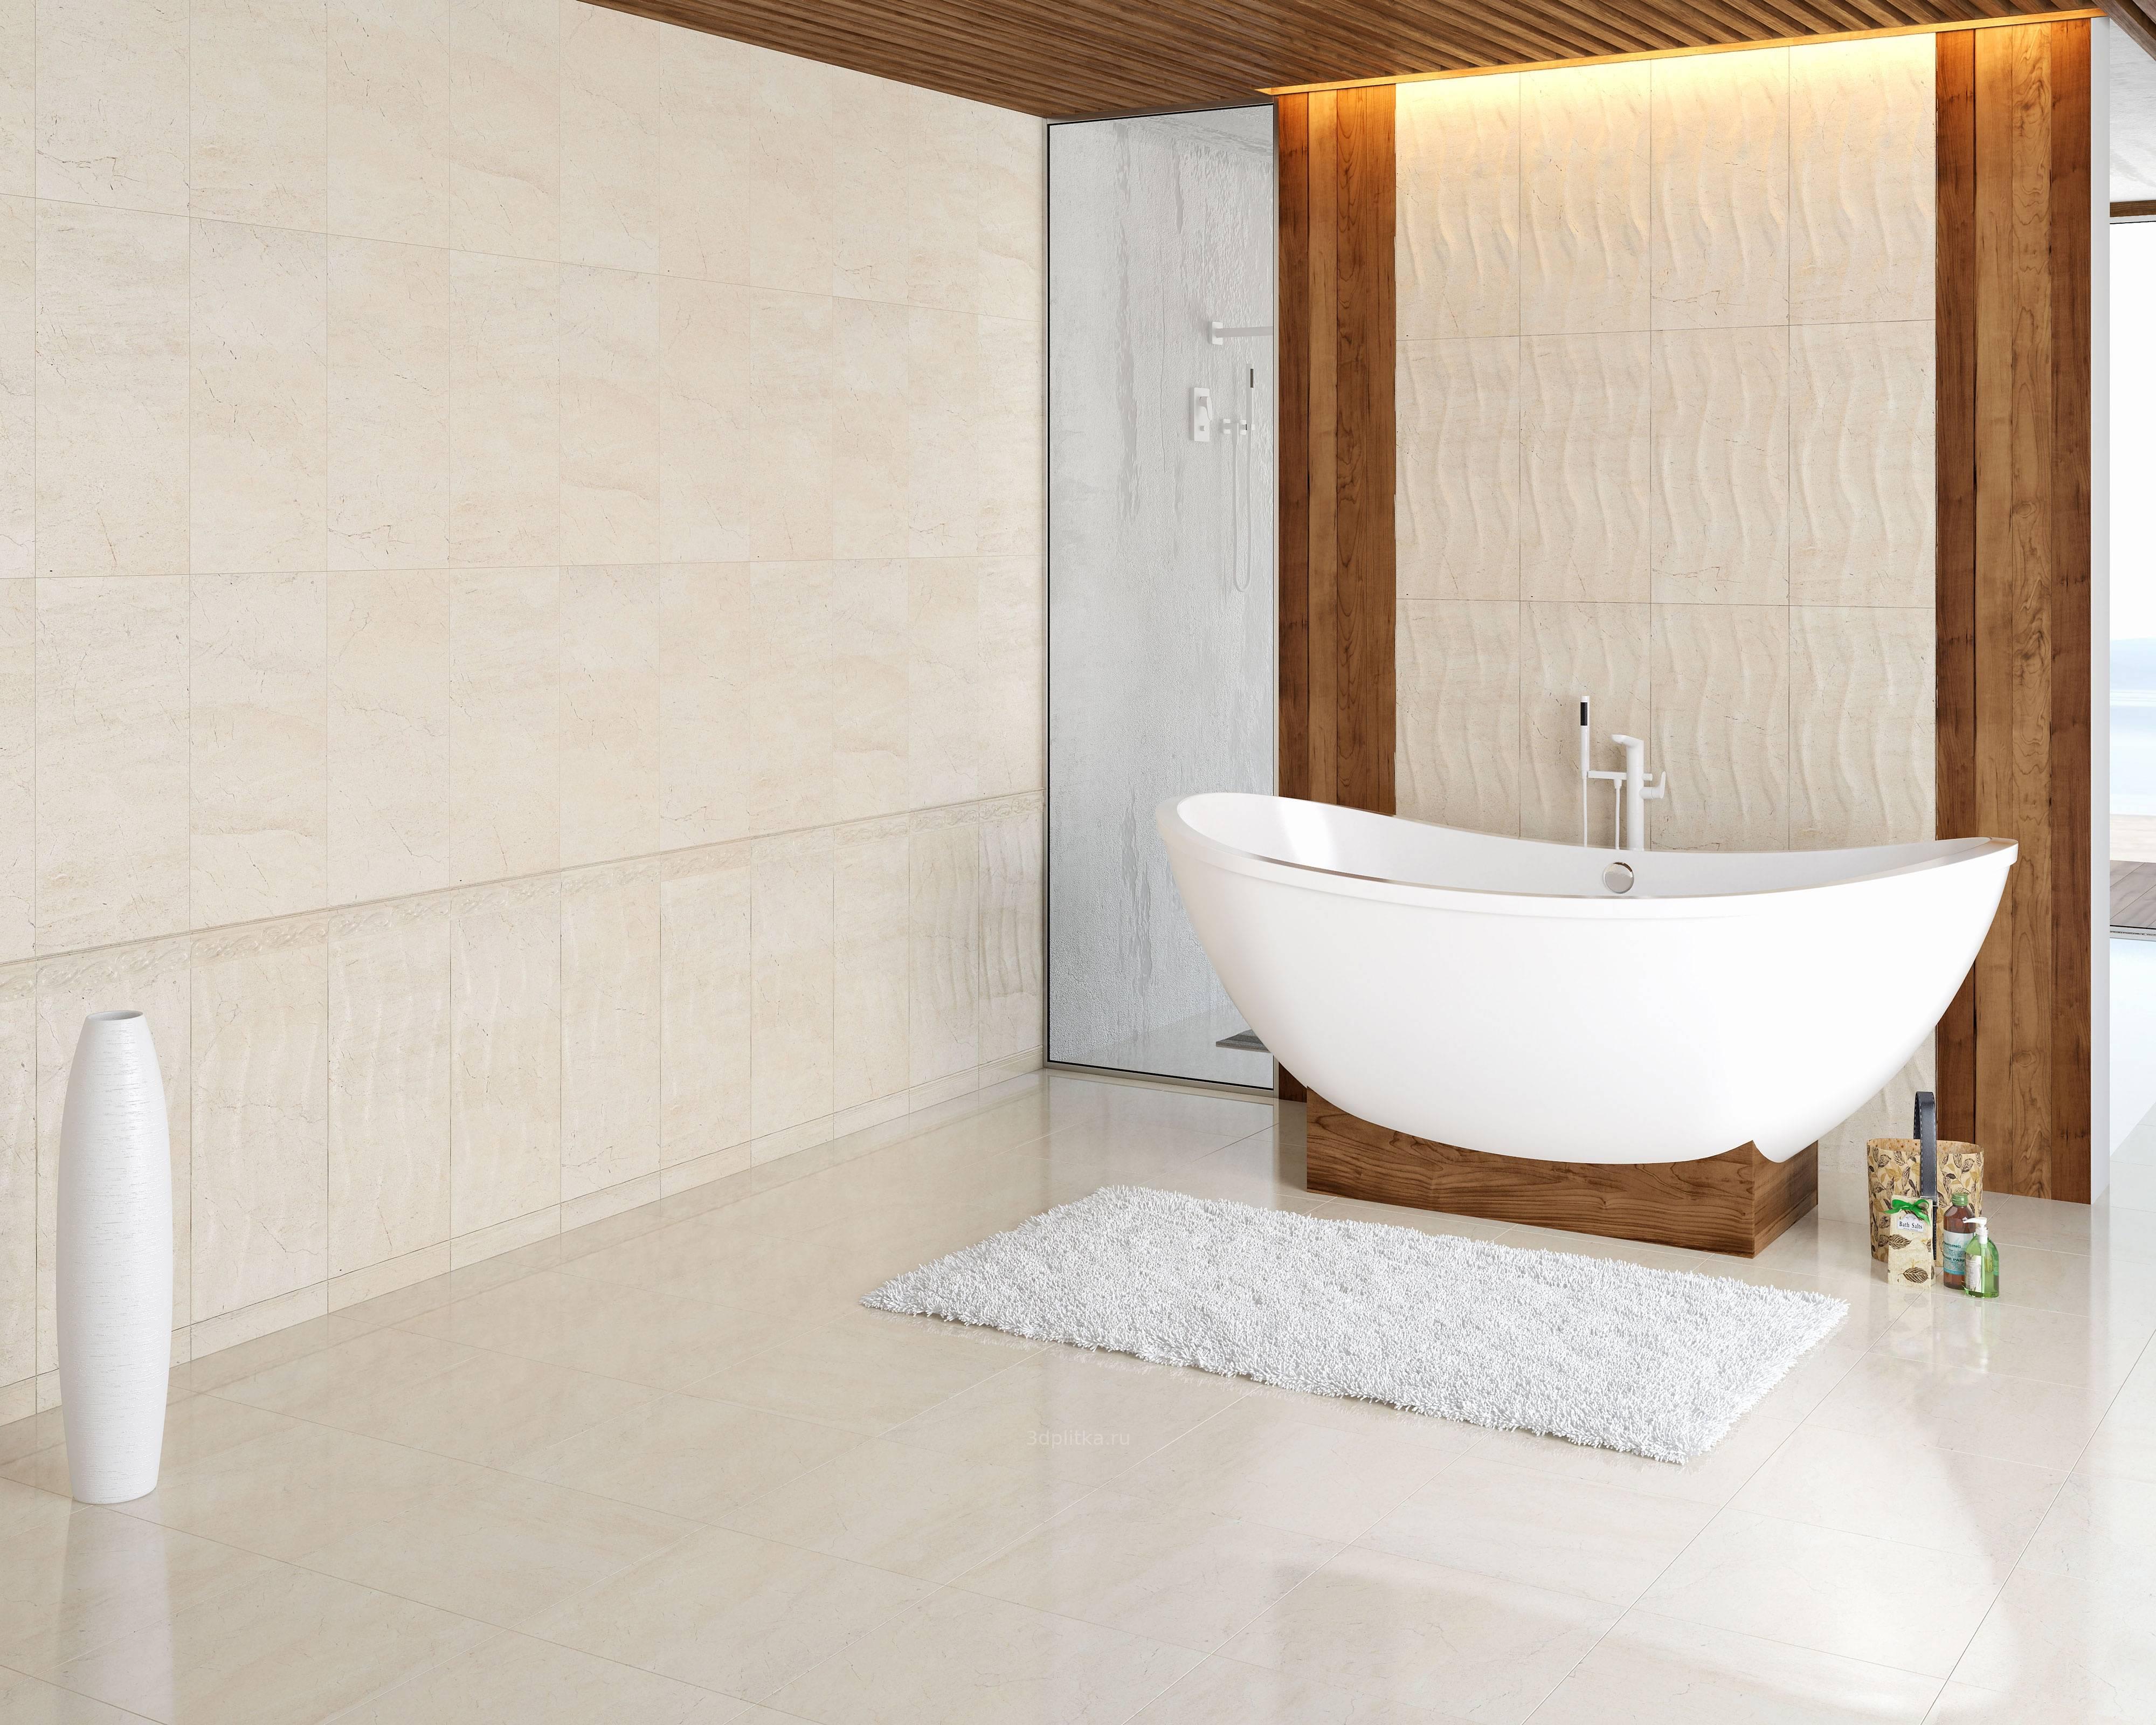 Плитка golden tile: отличительные черты и плюсы - подсказки по строительству